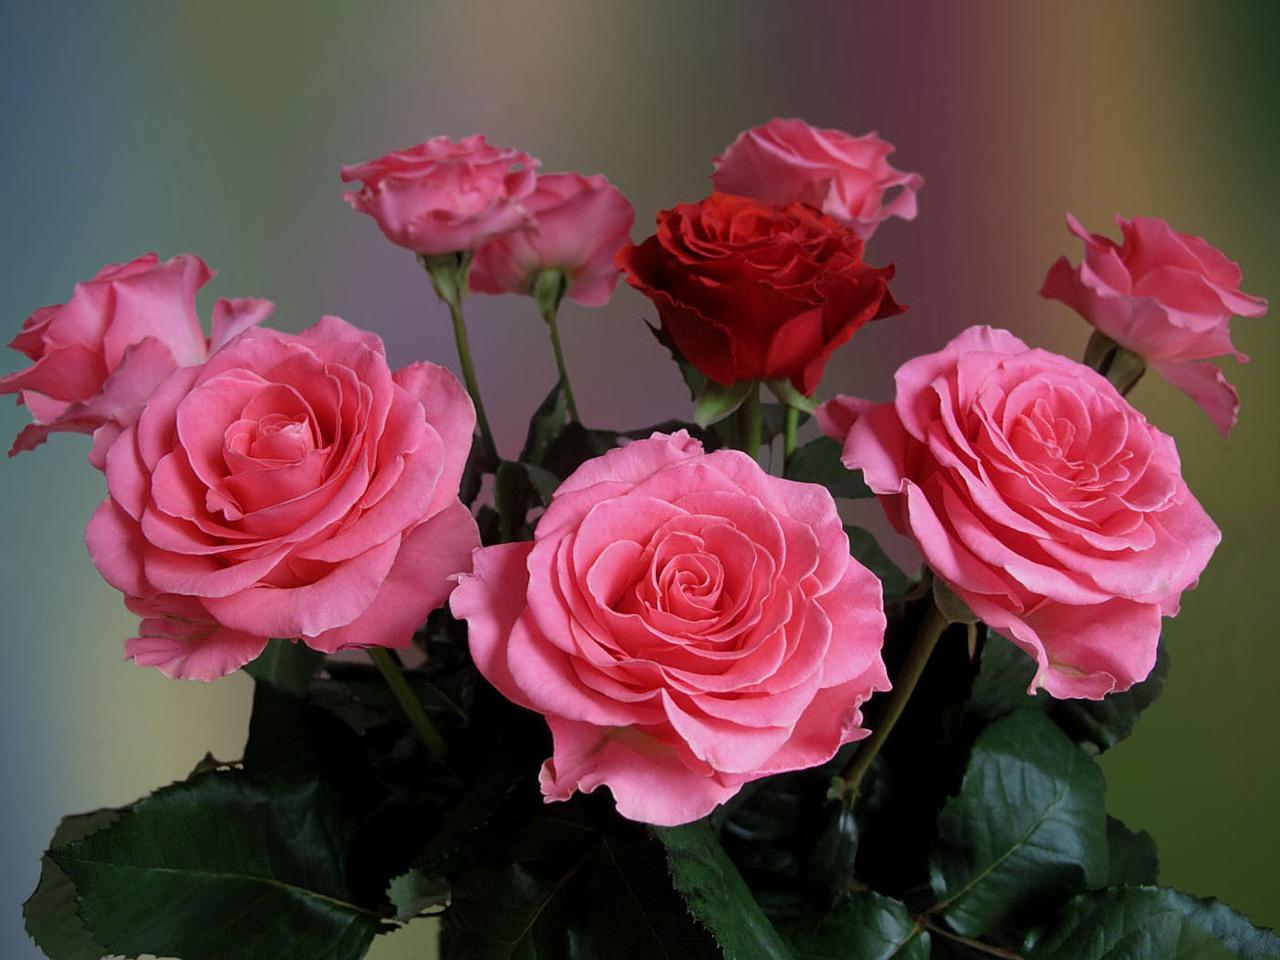 Фото музыкальных открыток или обложек красивые розы, очередь